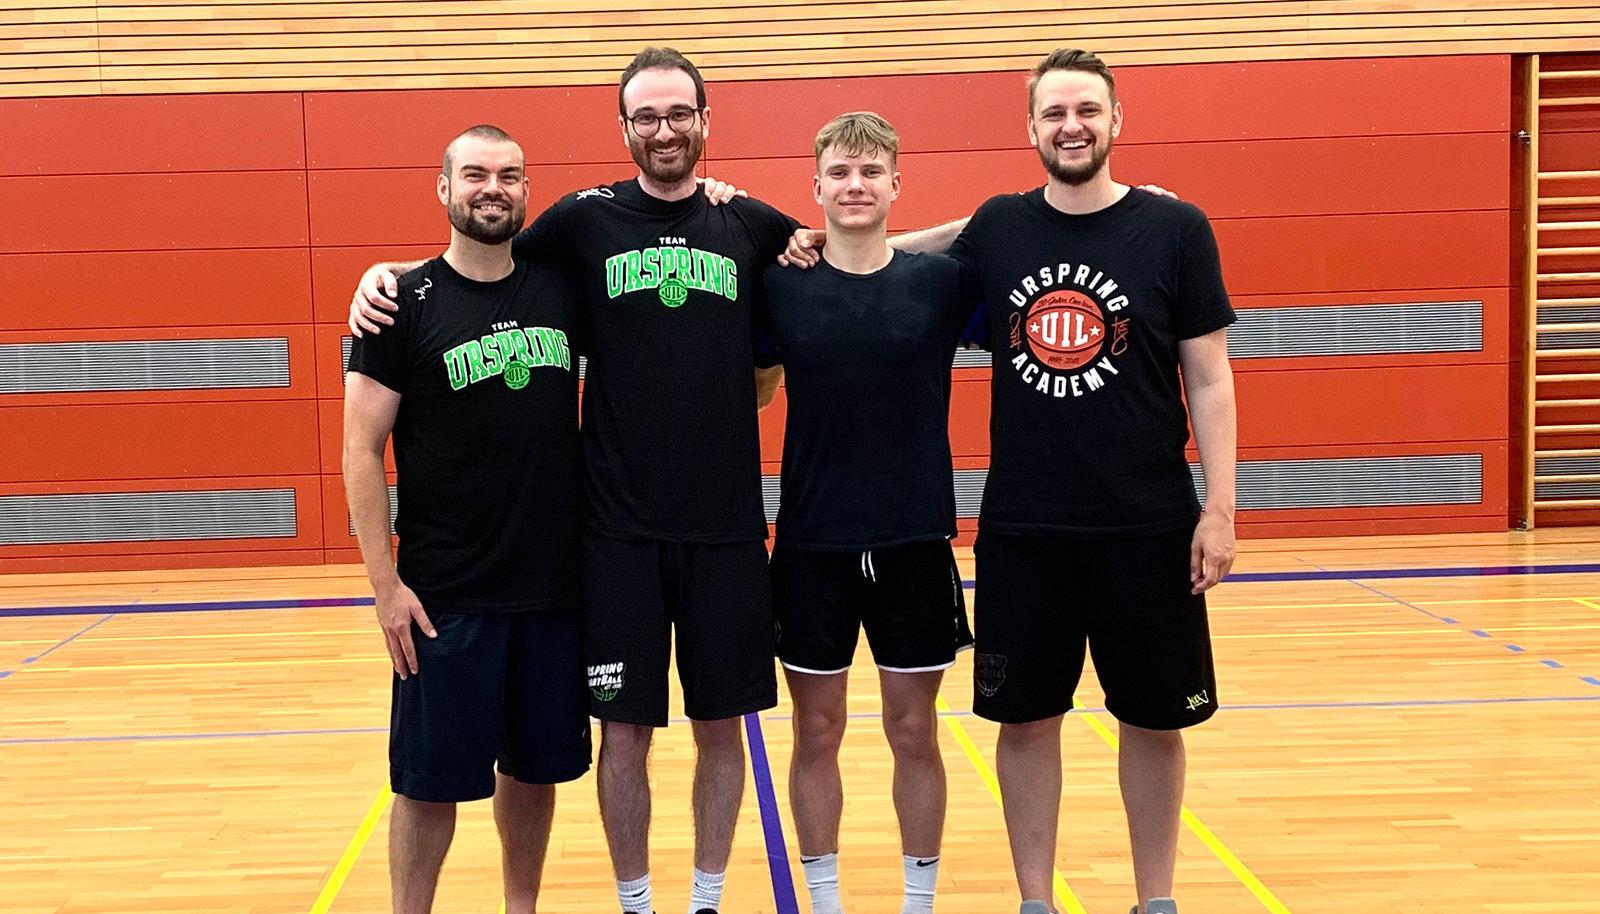 Jorke Aav (paremalt teine) Urspringi korvpalliakadeemias.